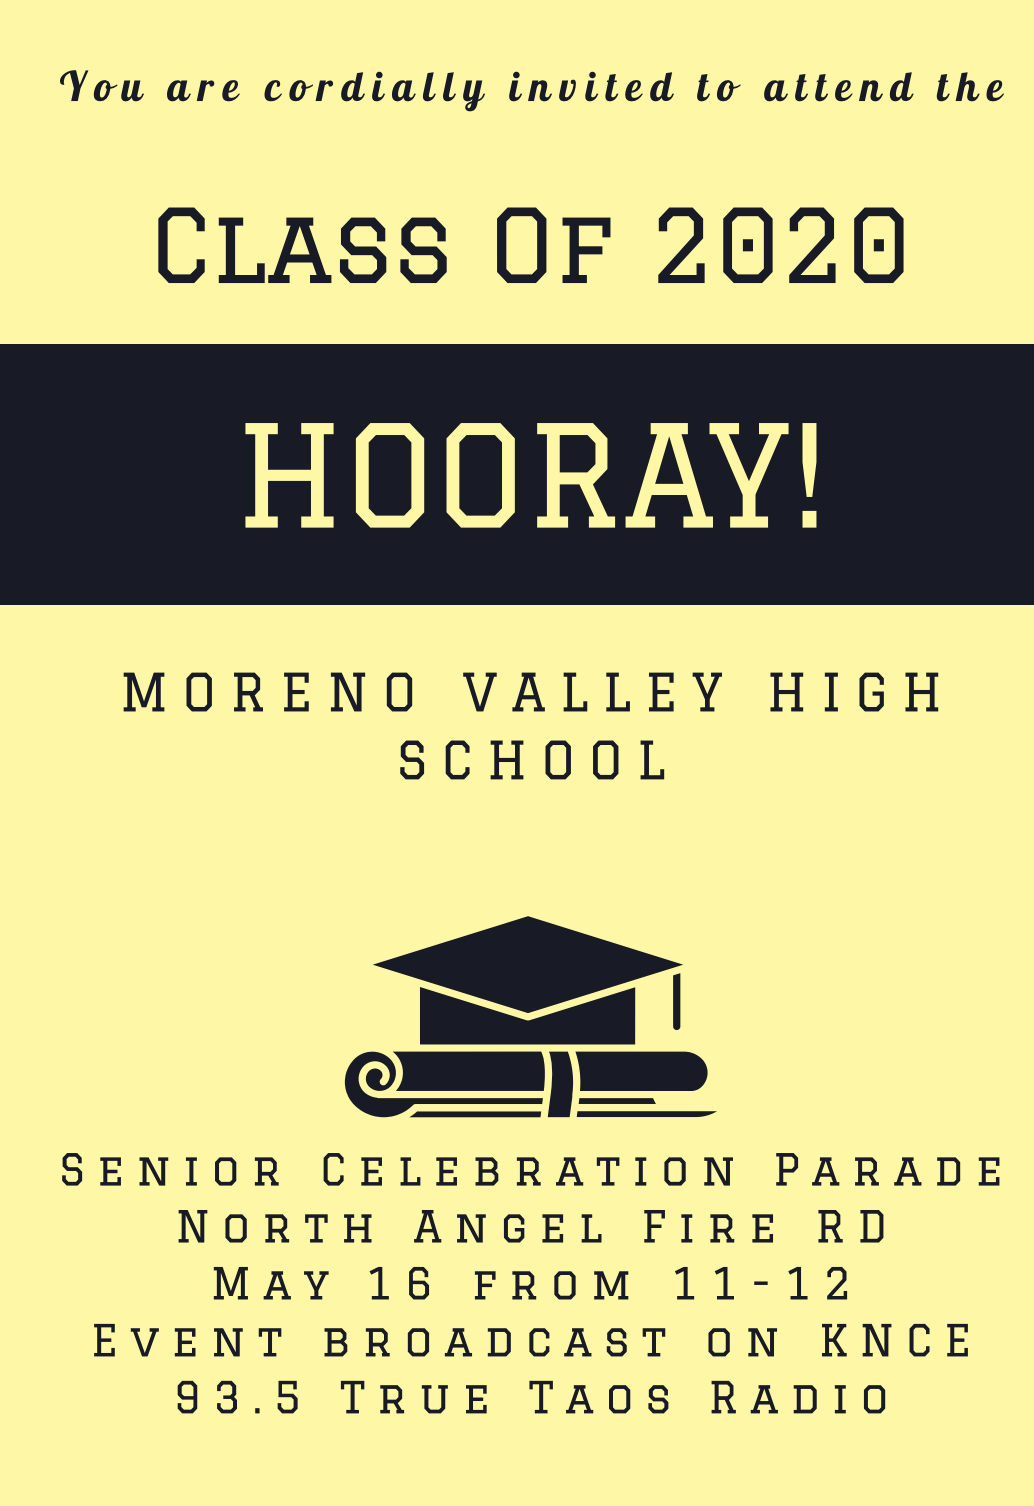 Parade Invite